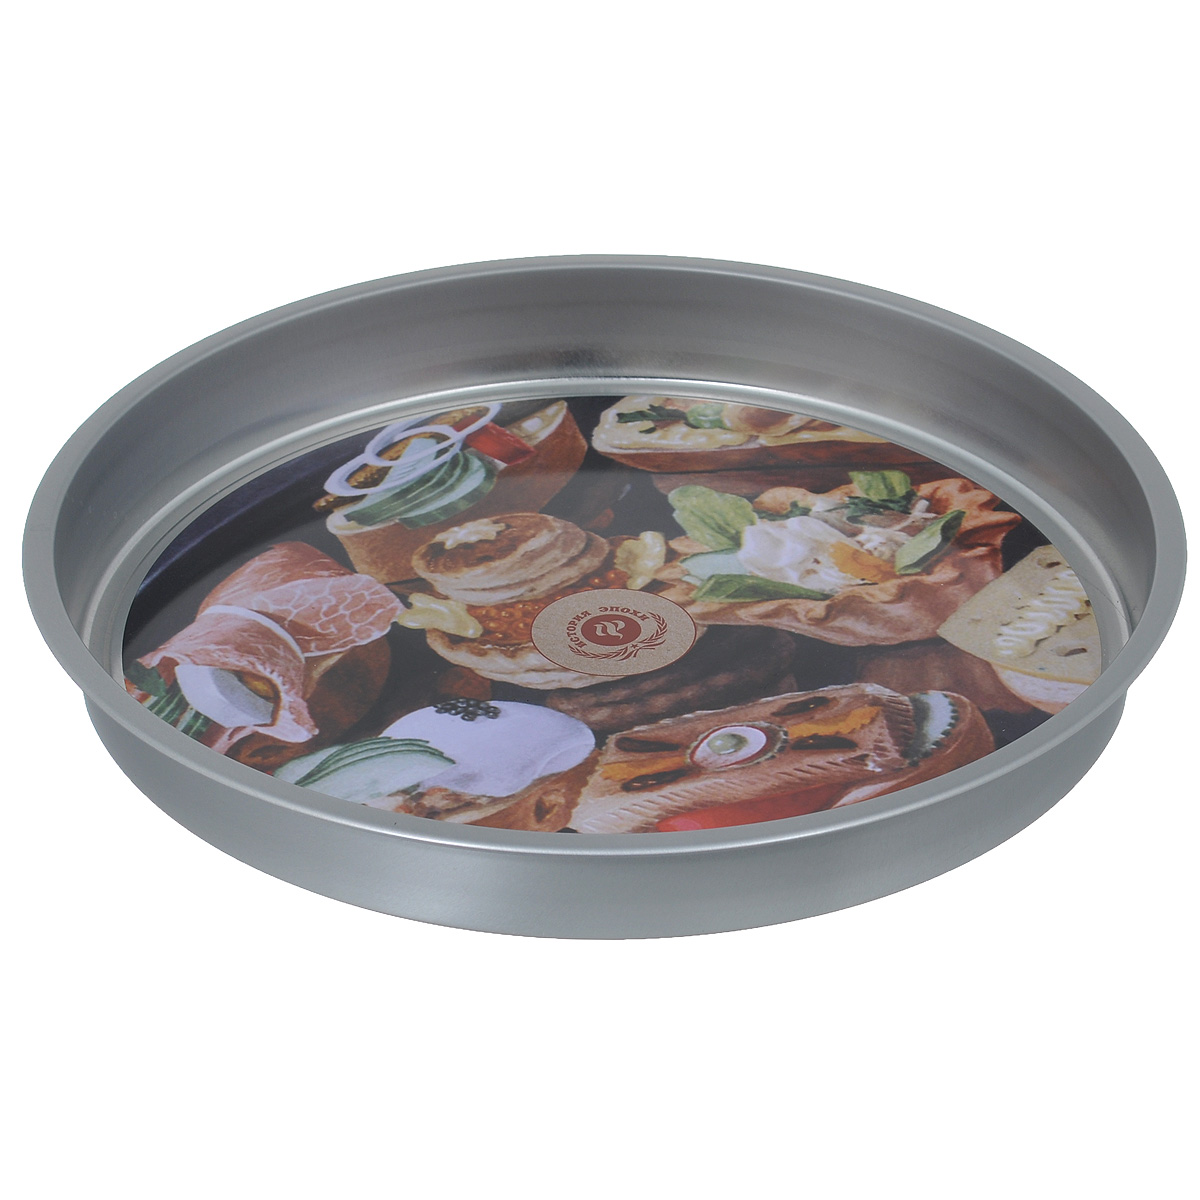 Поднос Феникс-Презент Бутерброды, диаметр 33 см